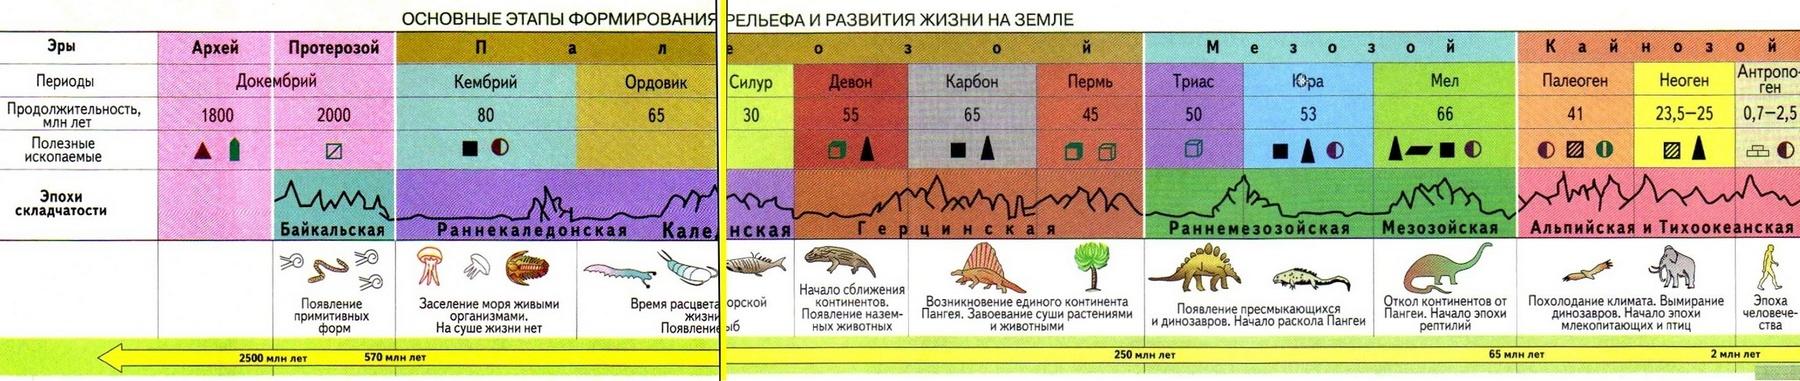 картинки геологические эры хорда